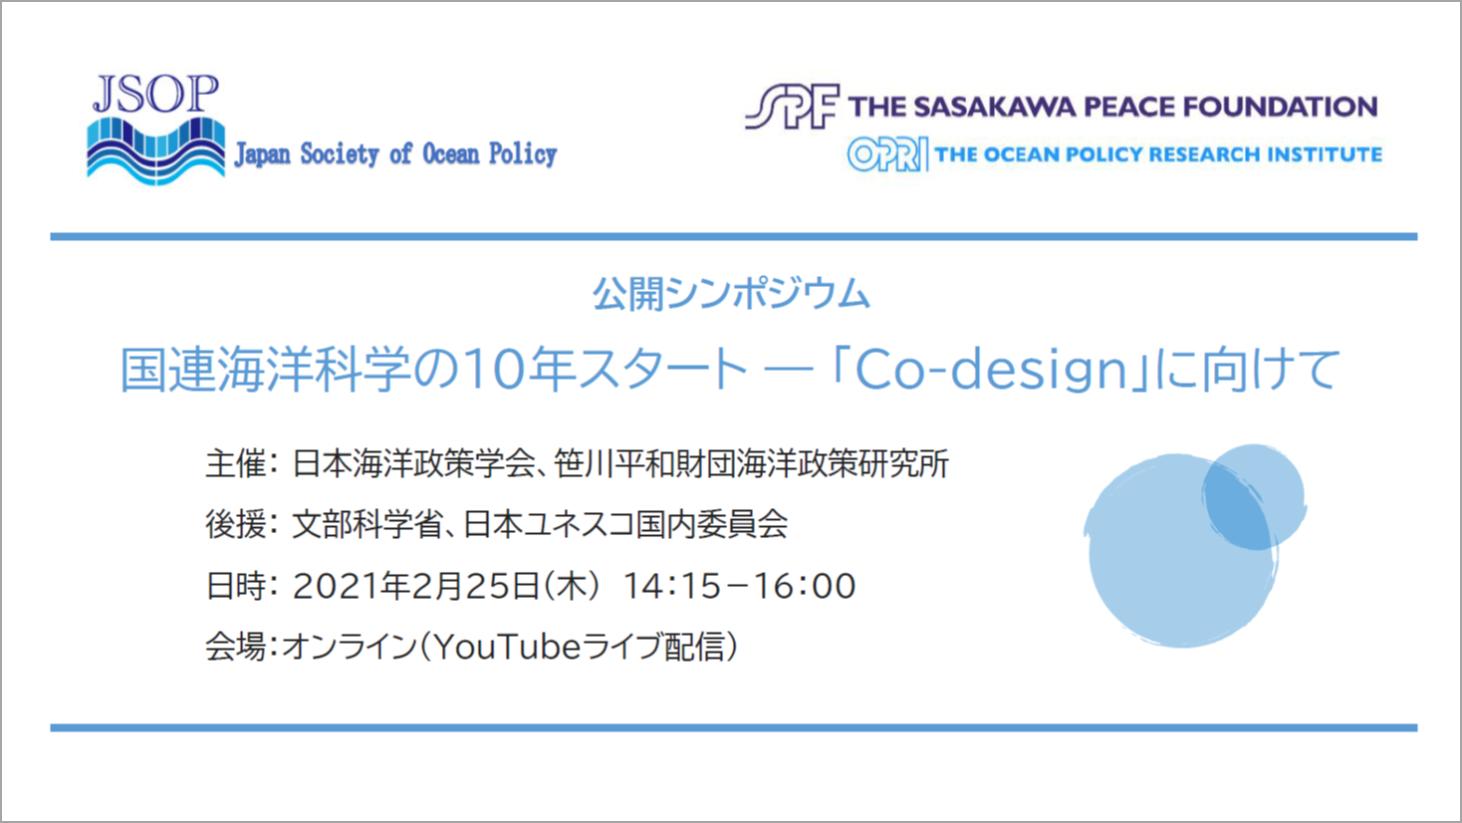 公開シンポジウム:国連海洋科学の10年スタート ~「Co-design」に向けて(2021年2月25日)